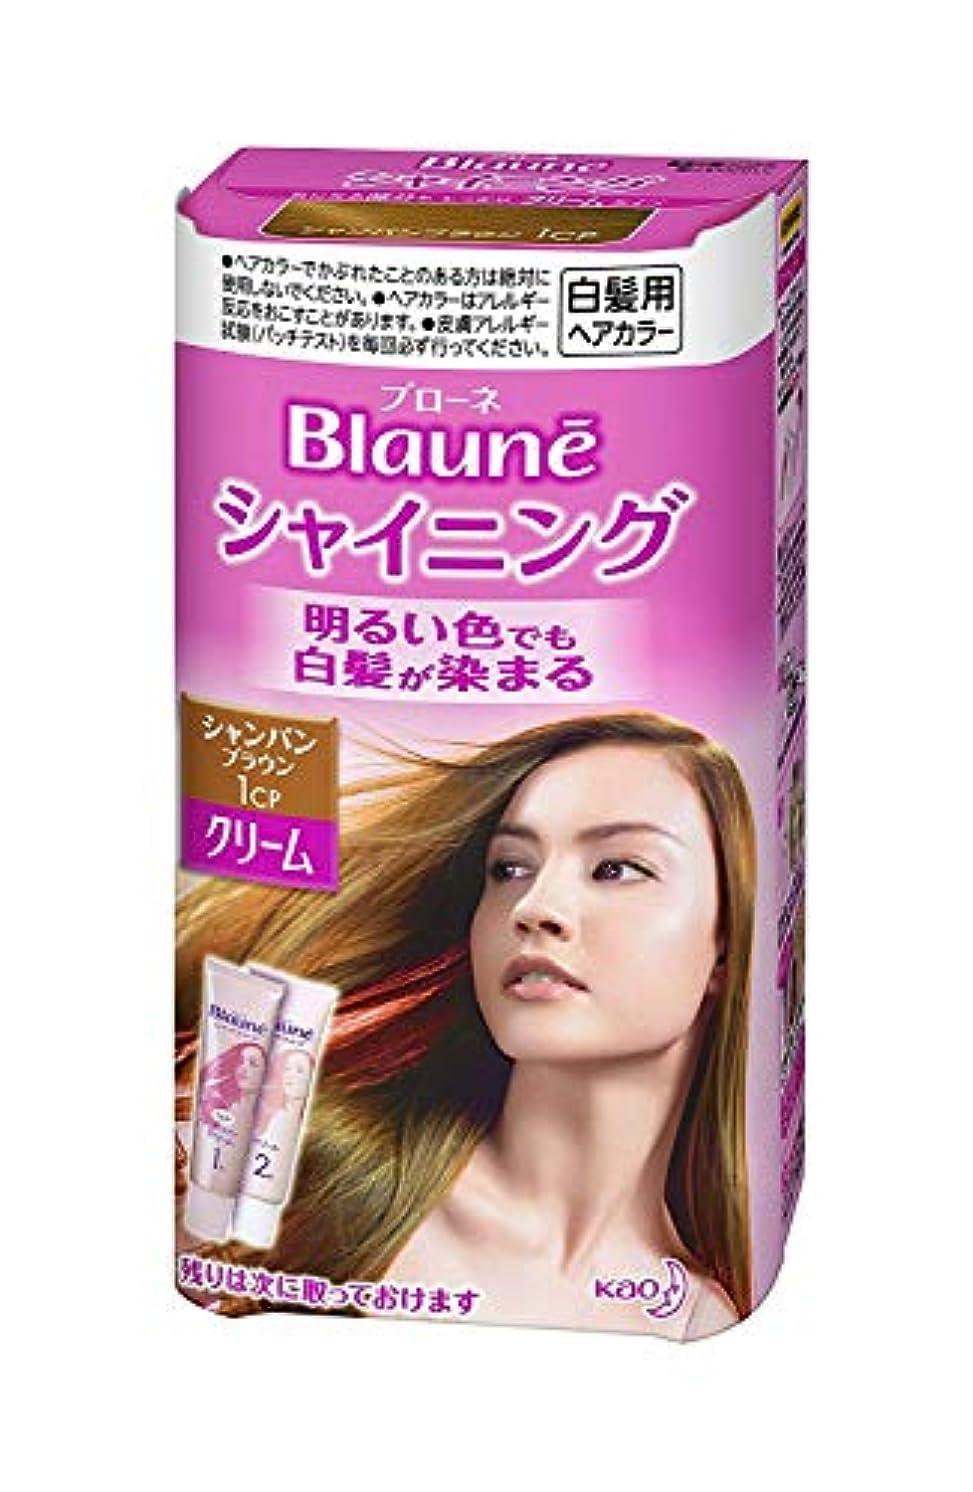 喜ぶ東グローバル【花王】ブローネ シャイニングヘアカラークリーム1CP シャンパンブラウン ×5個セット